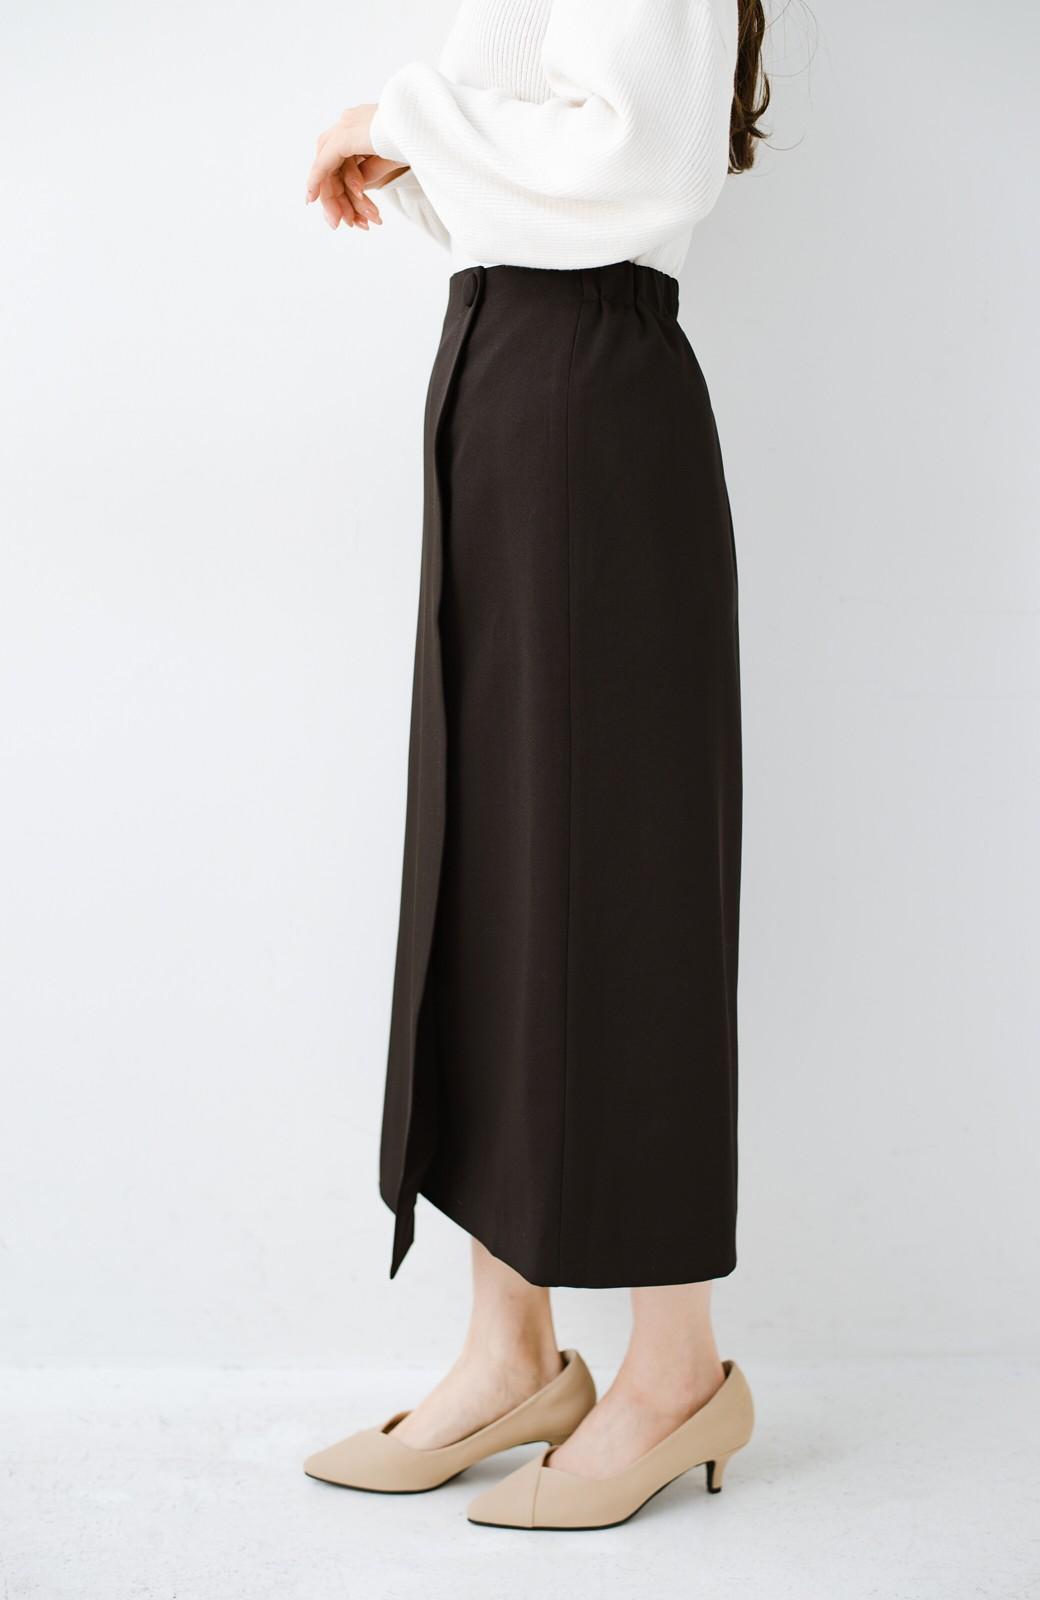 haco! いざというとき困らないための きちんと見えするラップスカート by que made me <ブラック>の商品写真4